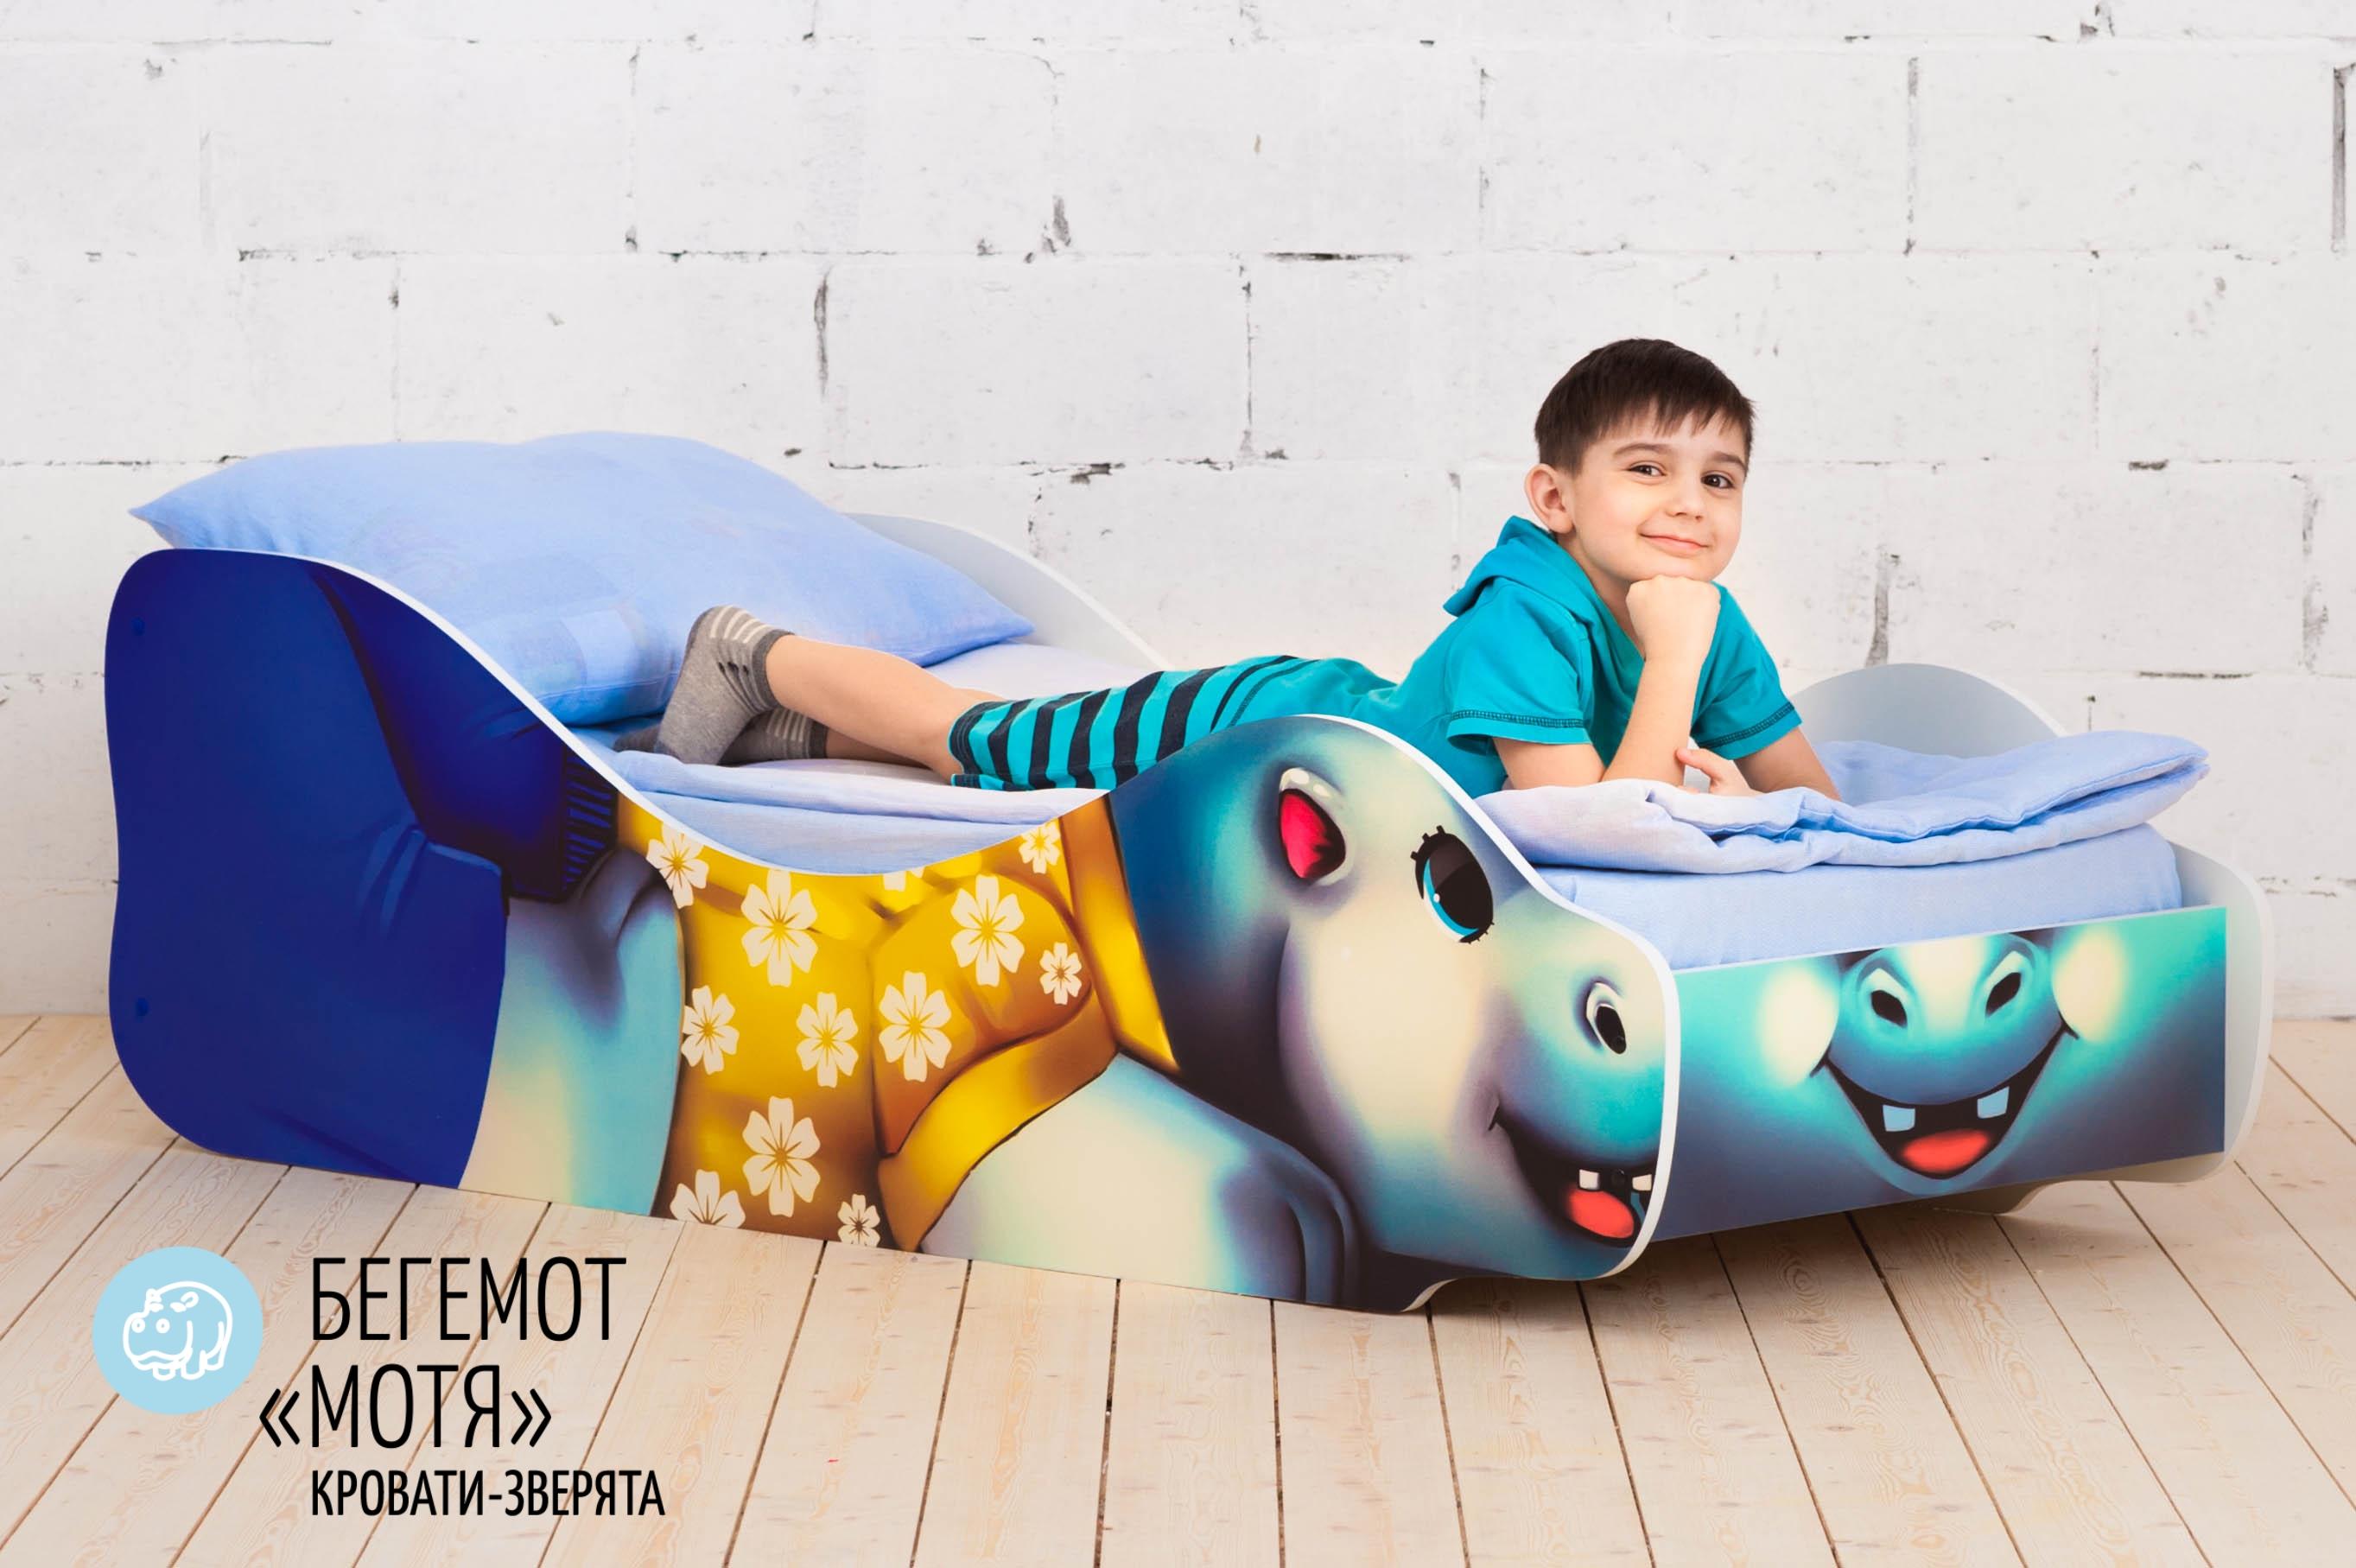 Детская кровать-зверенок -Бегемот-Мотя-2